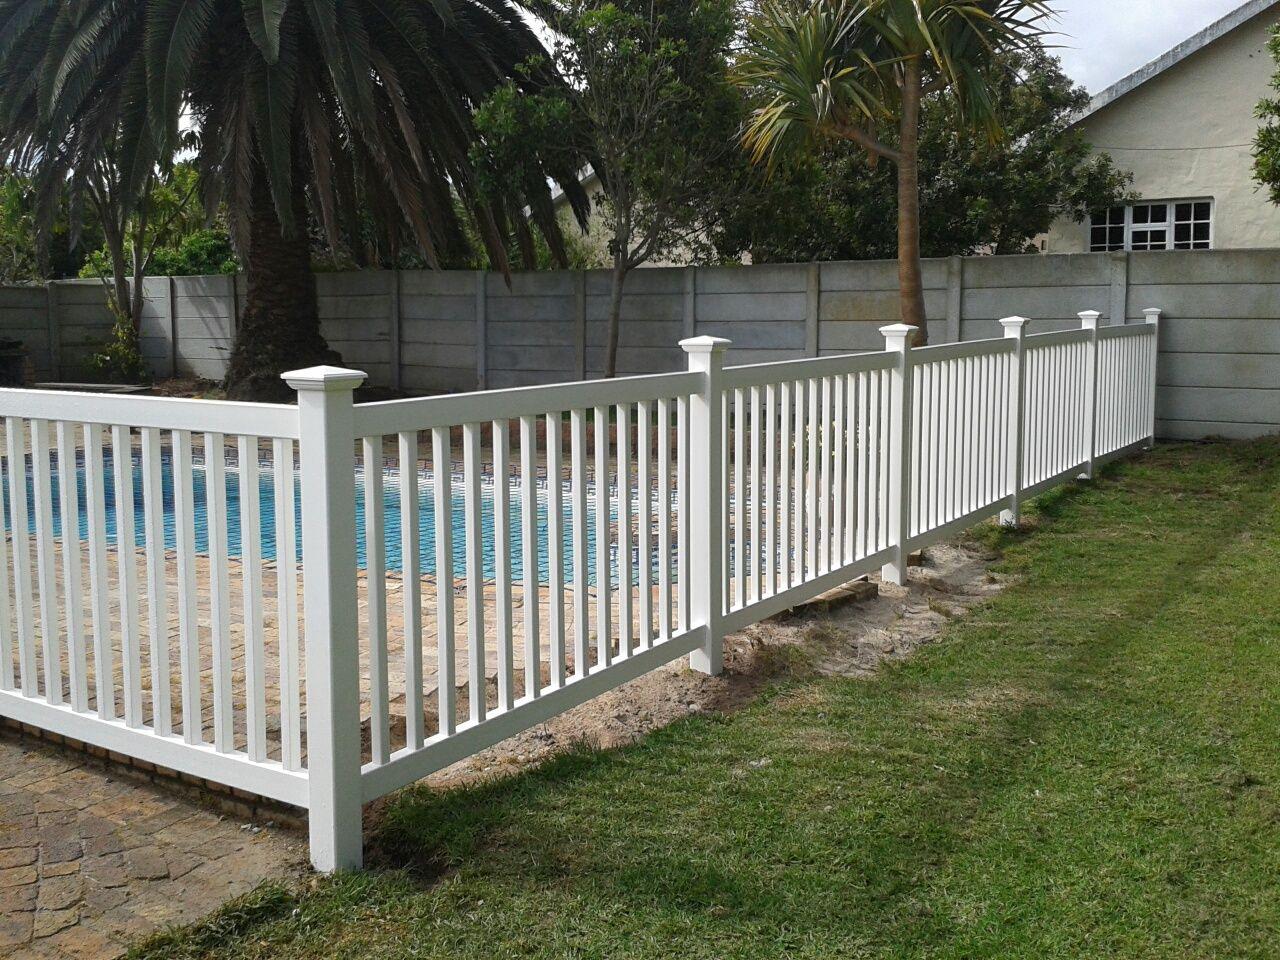 Pool Fence Palisade Style Piscinas Modernas Piscinas Jardineria